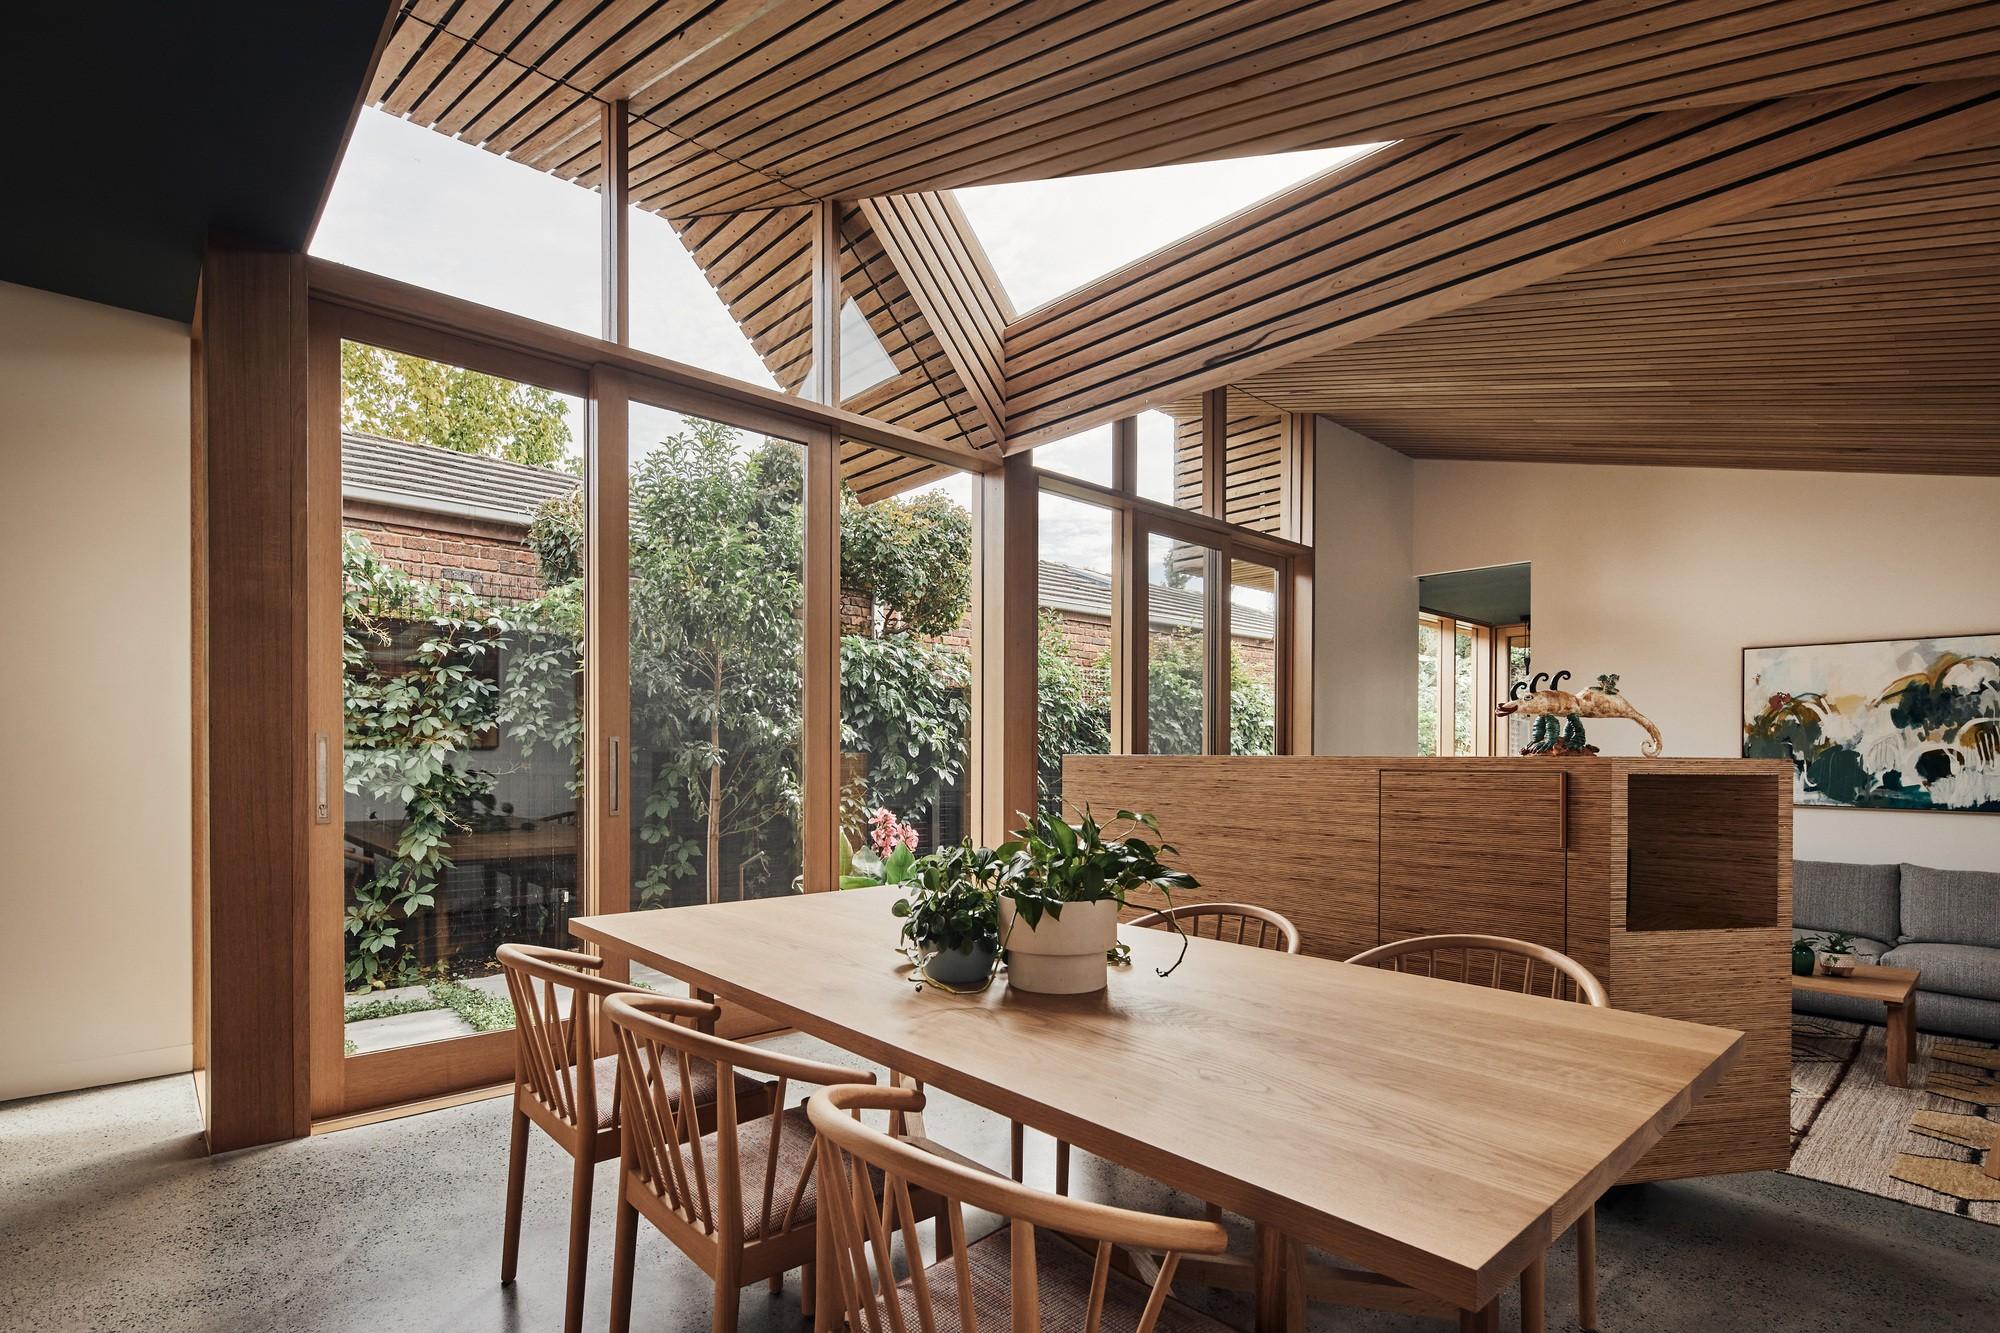 Реконструкция викторианского коттеджа в современный дом с последовательными пространствами